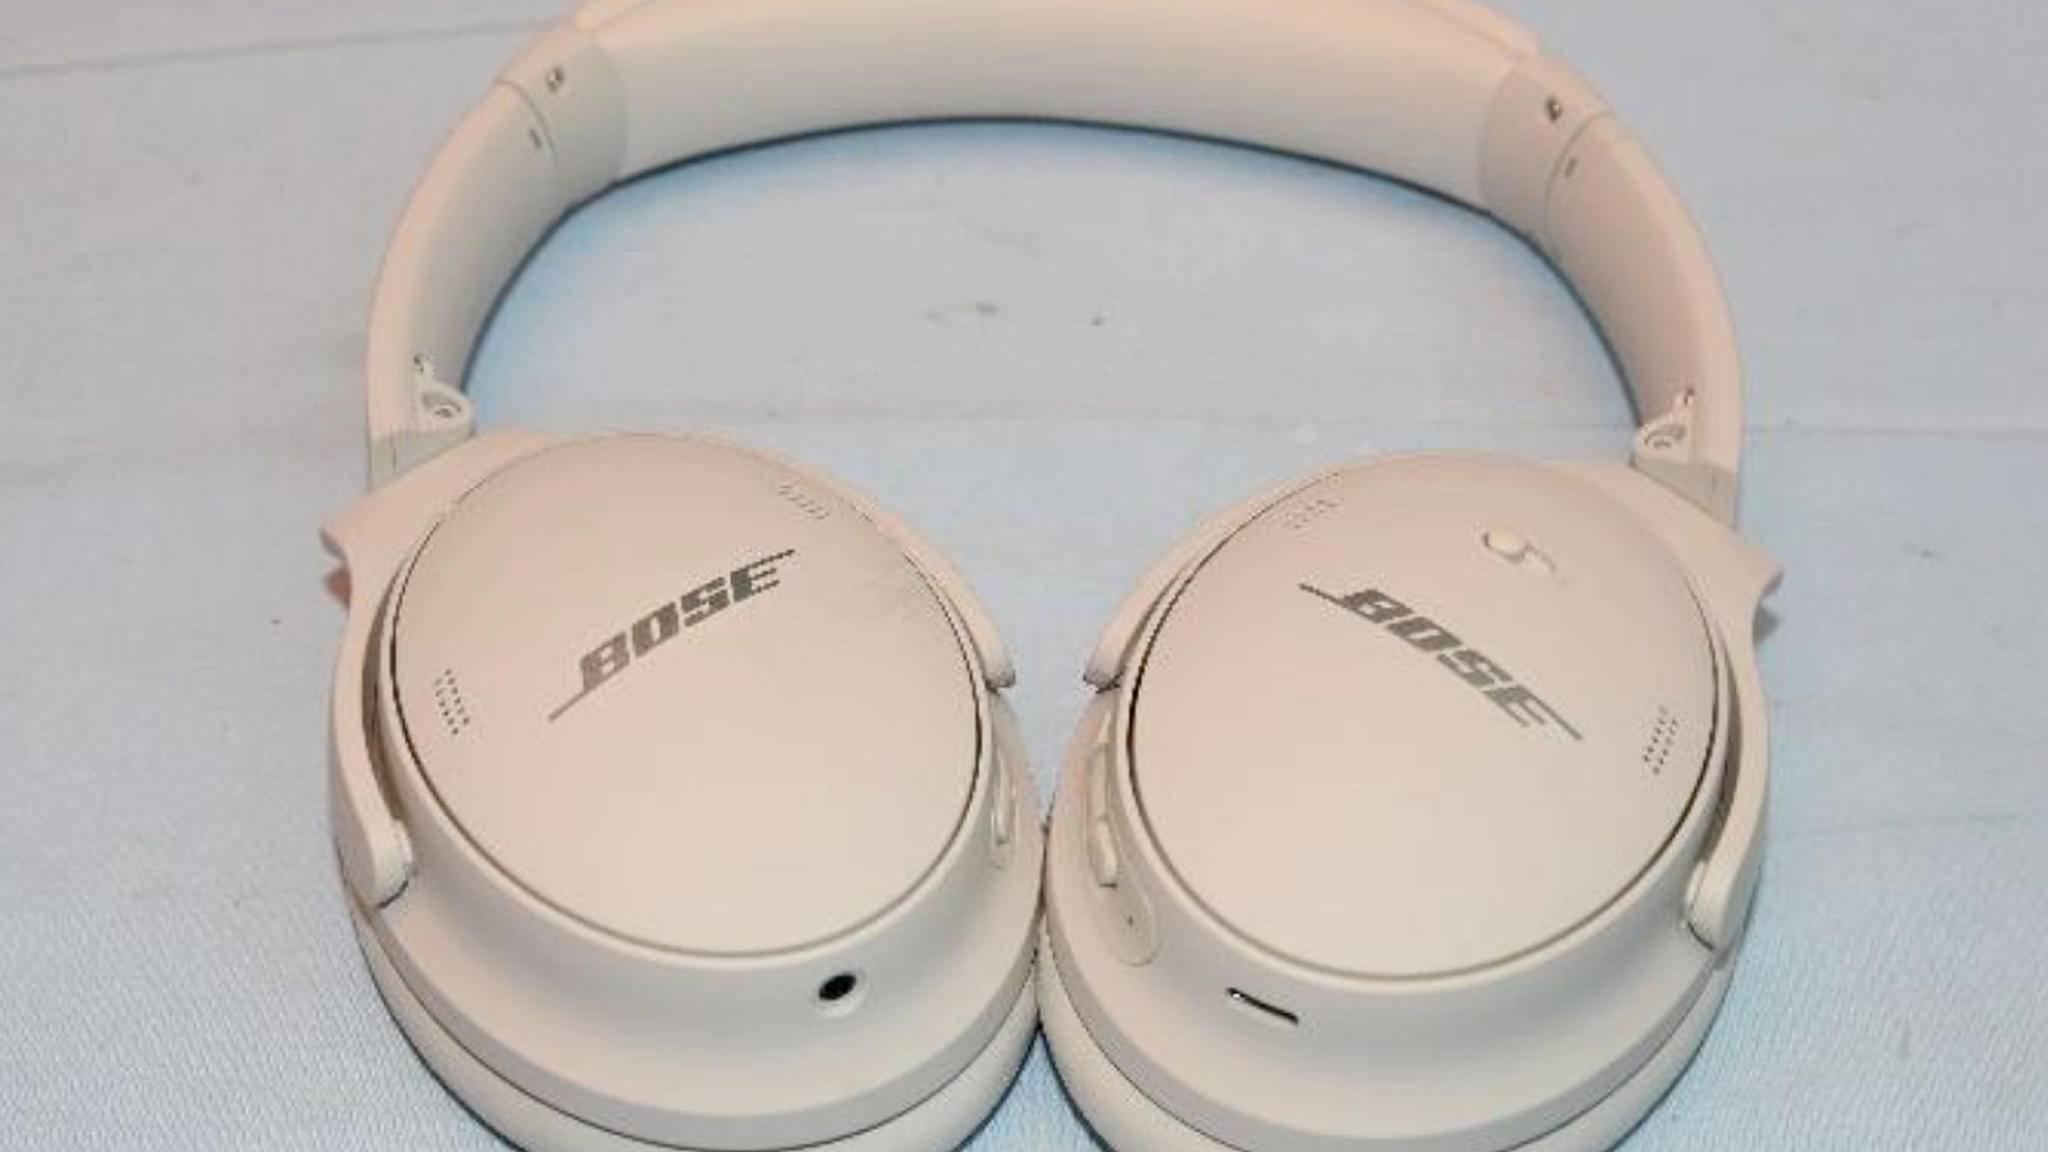 Faltbares Design, Ohrpolster aus Kunstleder: so sollen die Bose QC 45 aussehen.